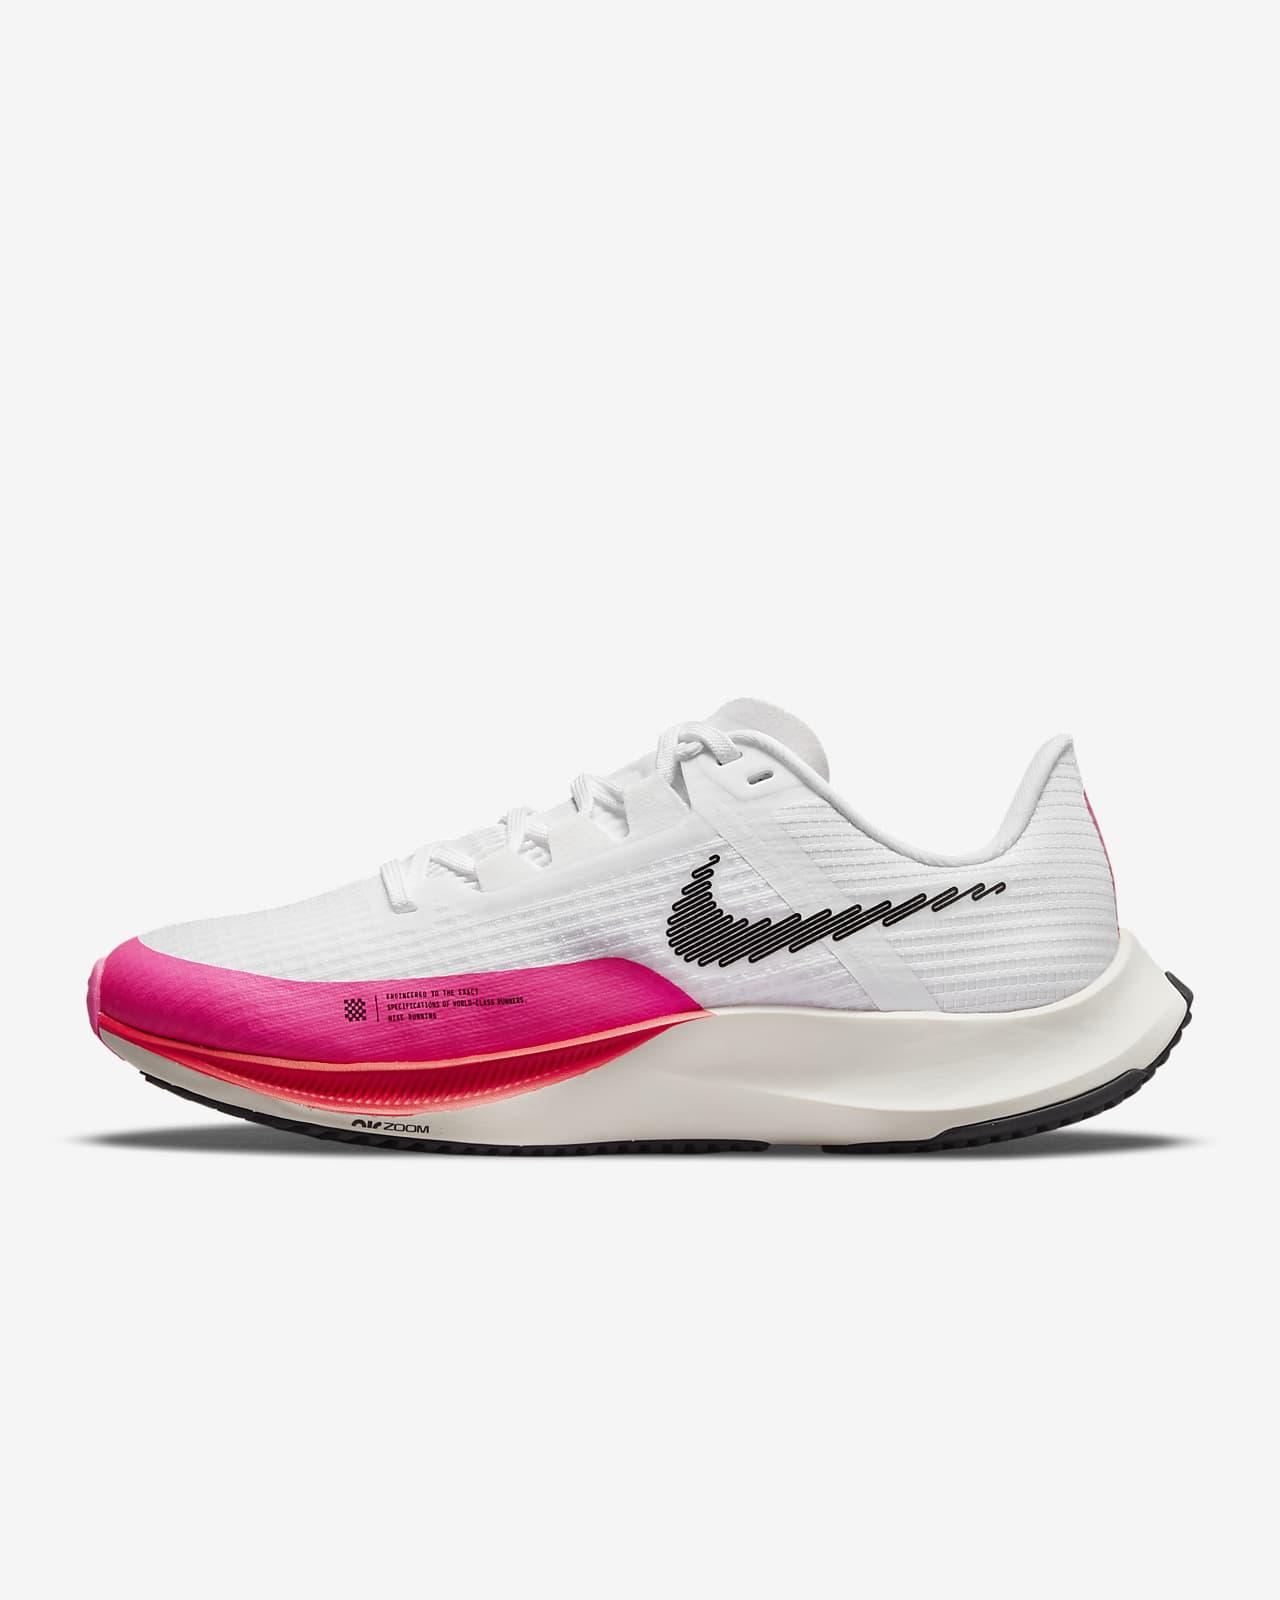 Tävlingssko för väg Nike Air Zoom Rival Fly 3 för kvinnor